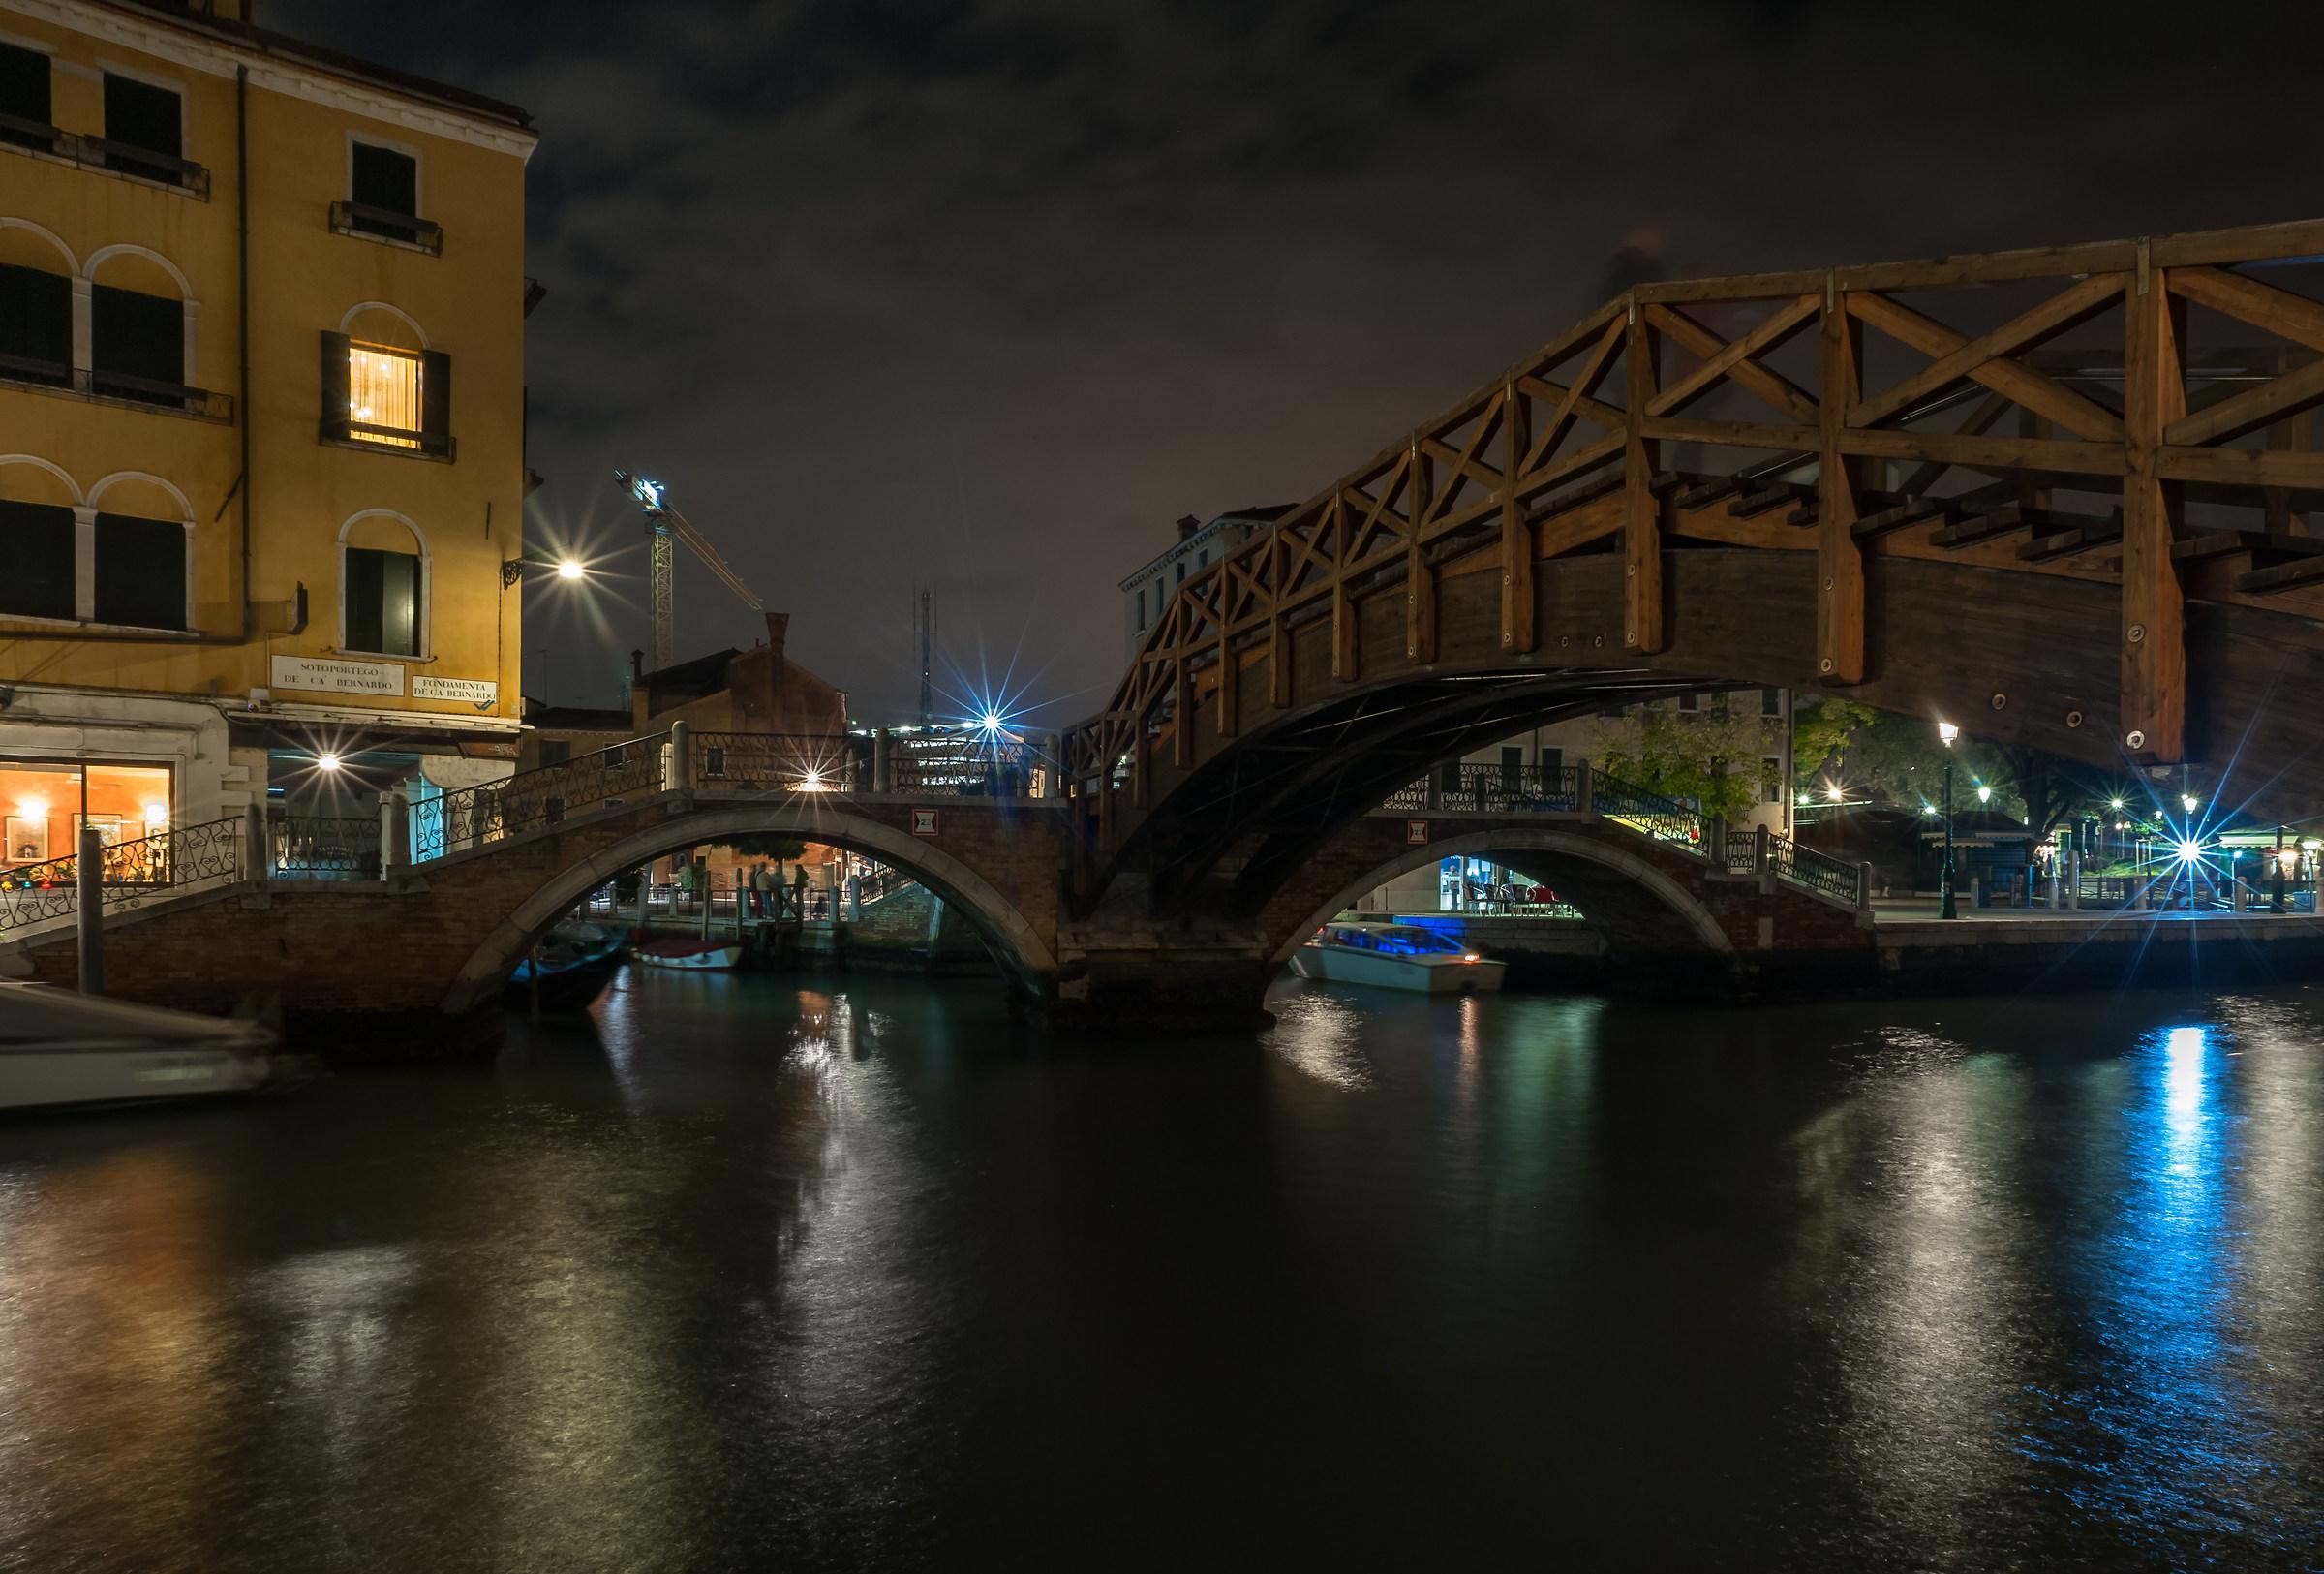 Fantasmi sul ponte......